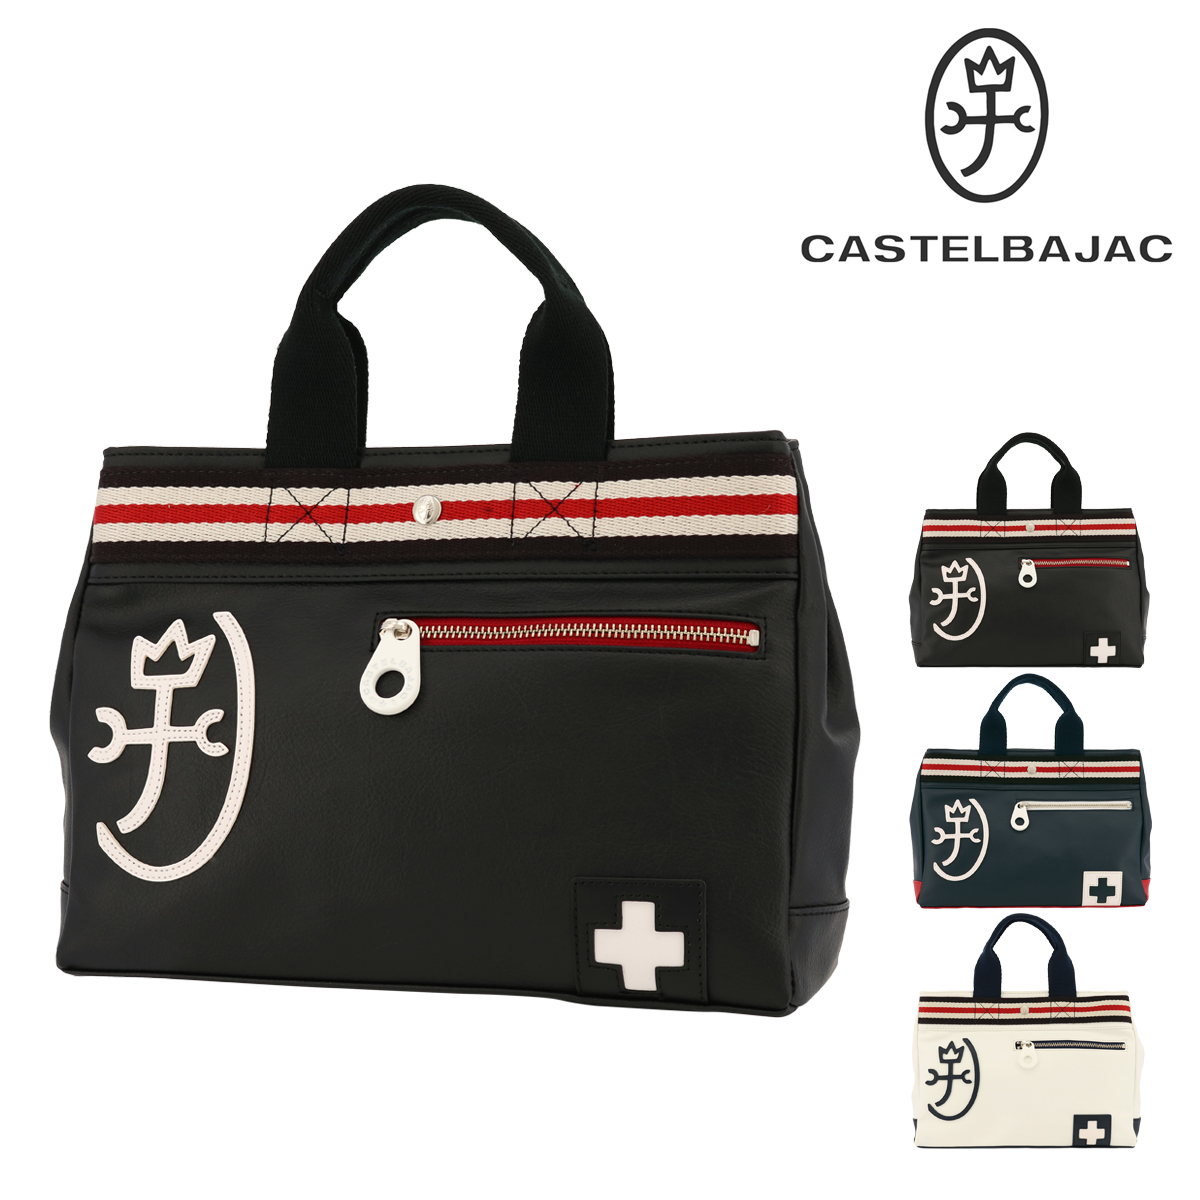 カステルバジャック トートバッグ パンセ メンズ 59511 CASTELBAJAC | ドライビングトート[PO10]